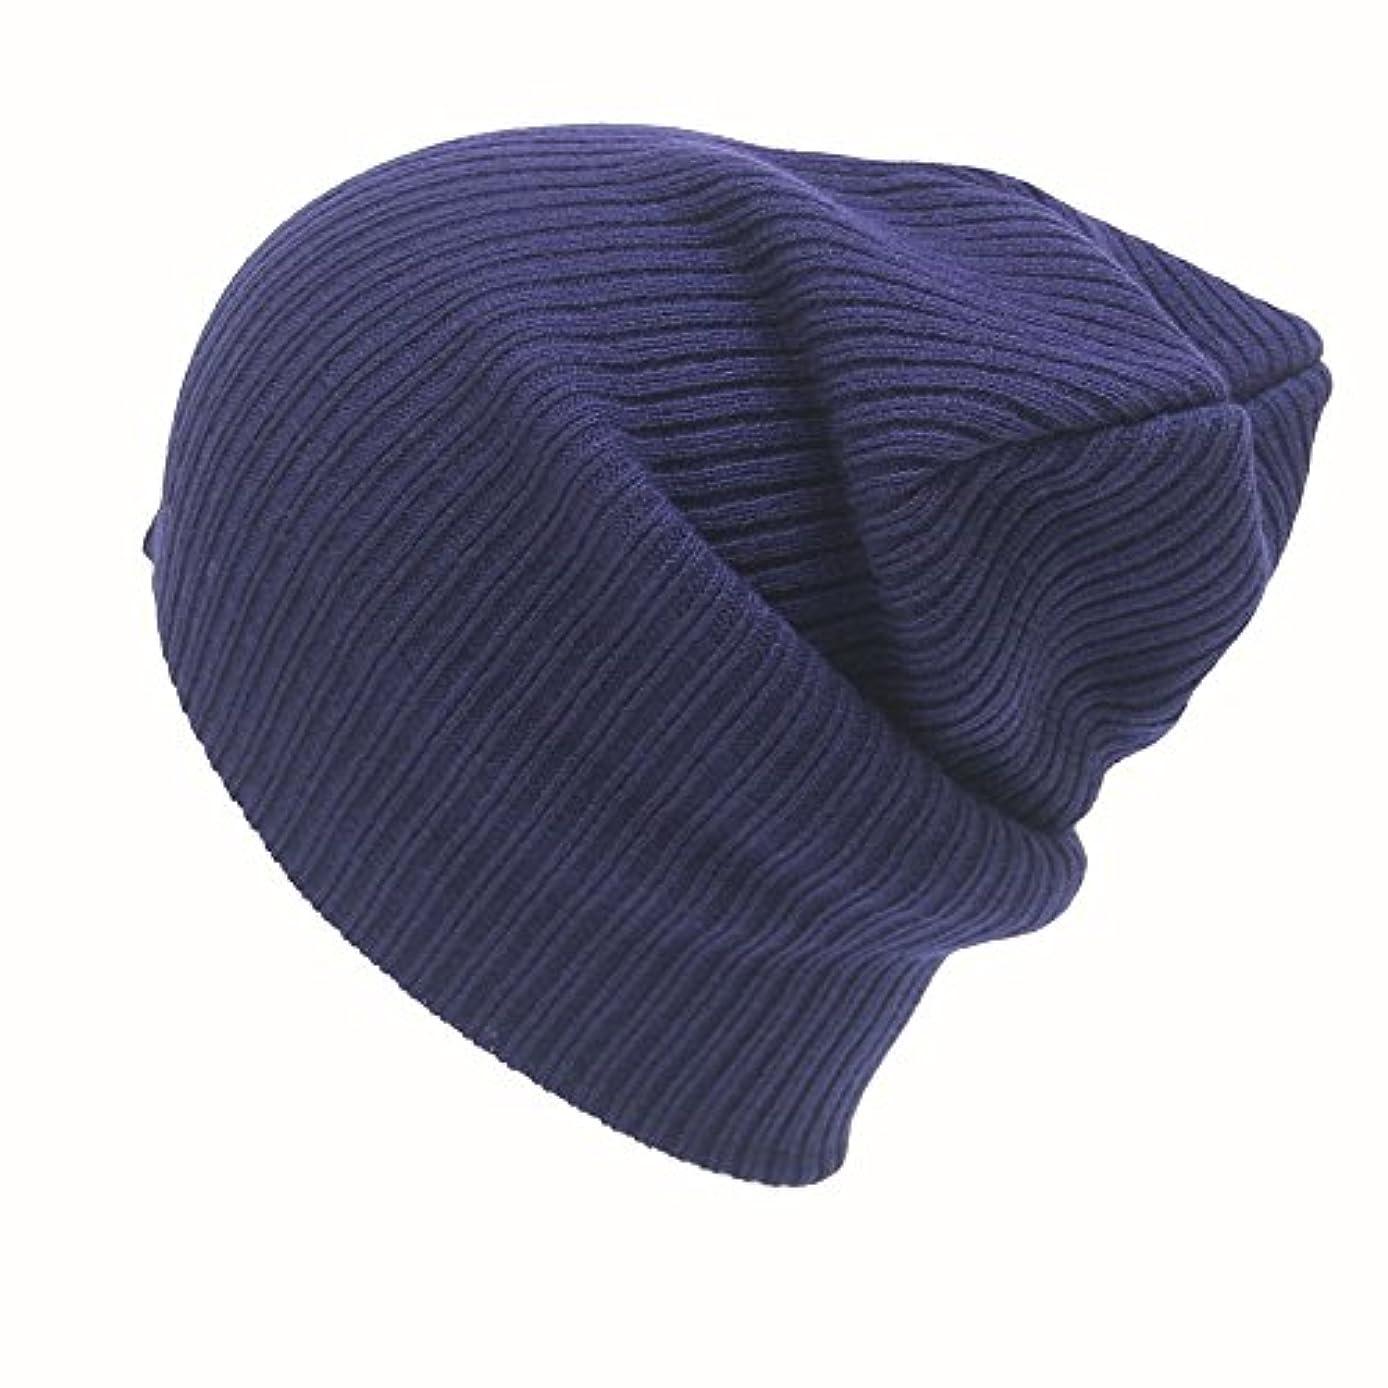 トレード吸い込む伴うRacazing 選べる7色 ニット帽 編み物 ストライプ ニット帽 防寒対策 通気性のある 防風 暖かい 軽量 屋外 スキー 自転車 クリスマス Hat 男女兼用 (ネービー)